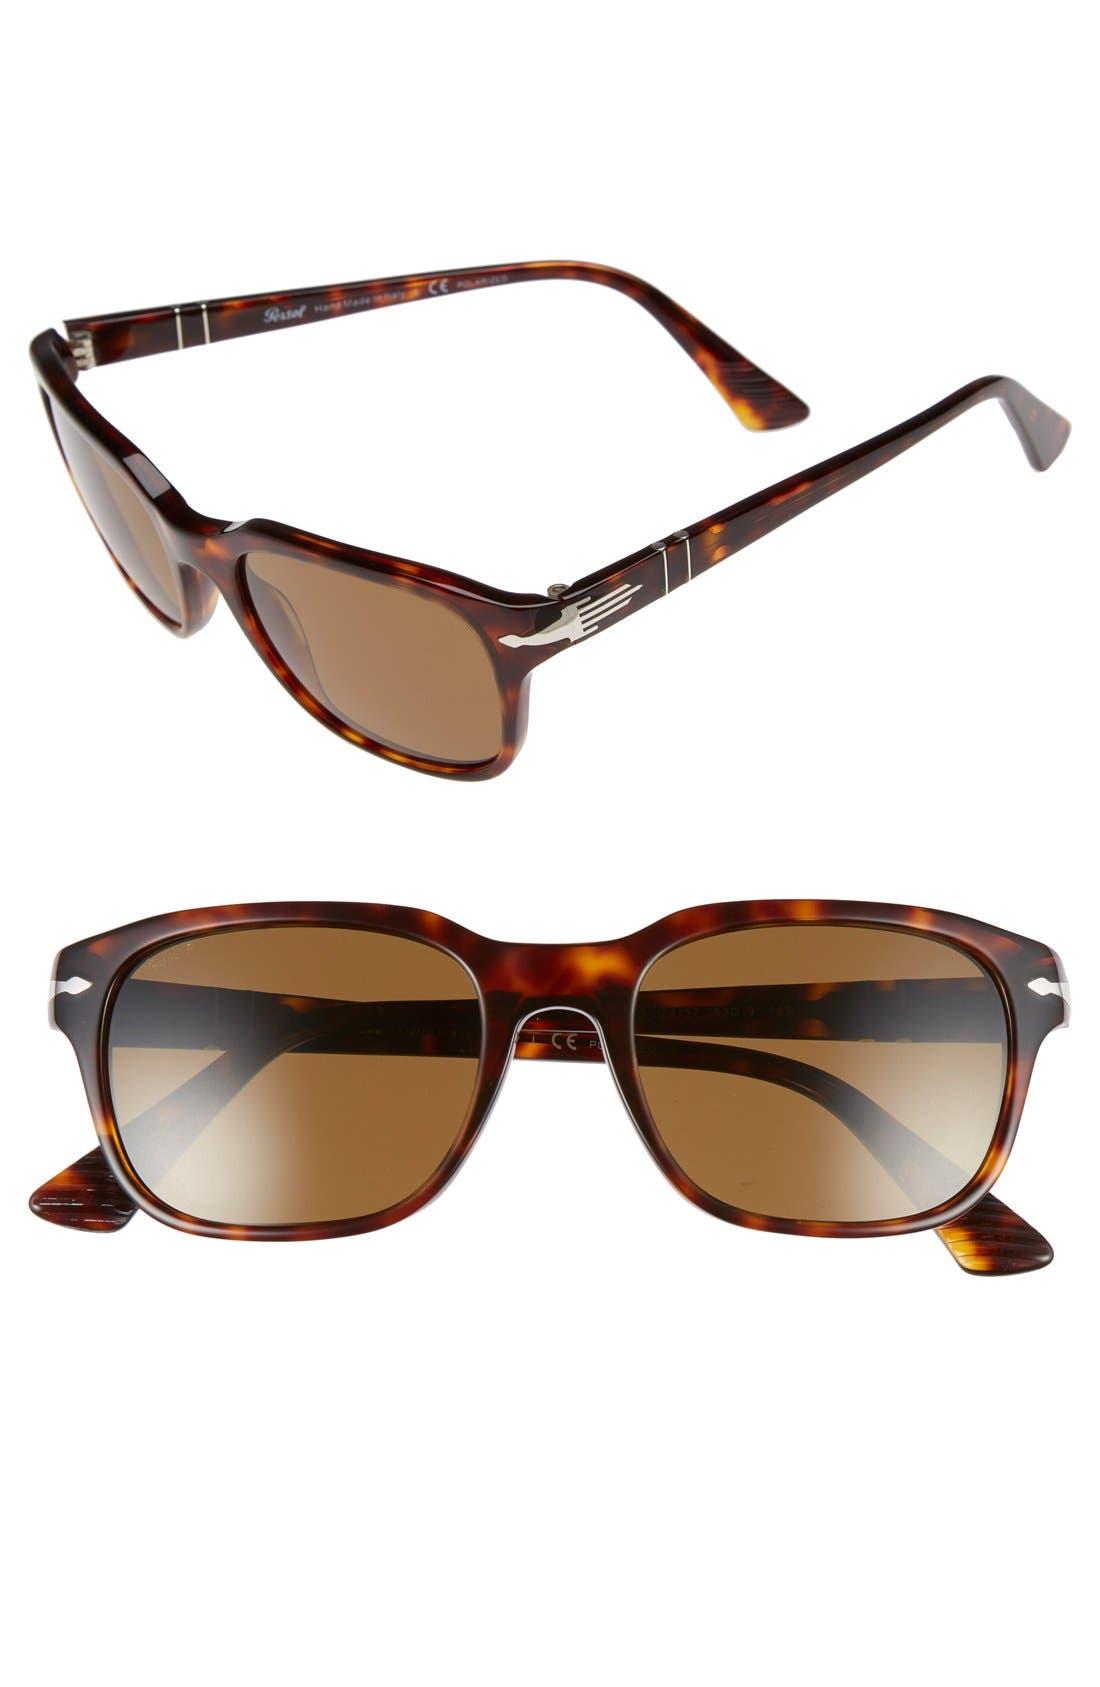 Persol 53mm Polarized Sunglasses